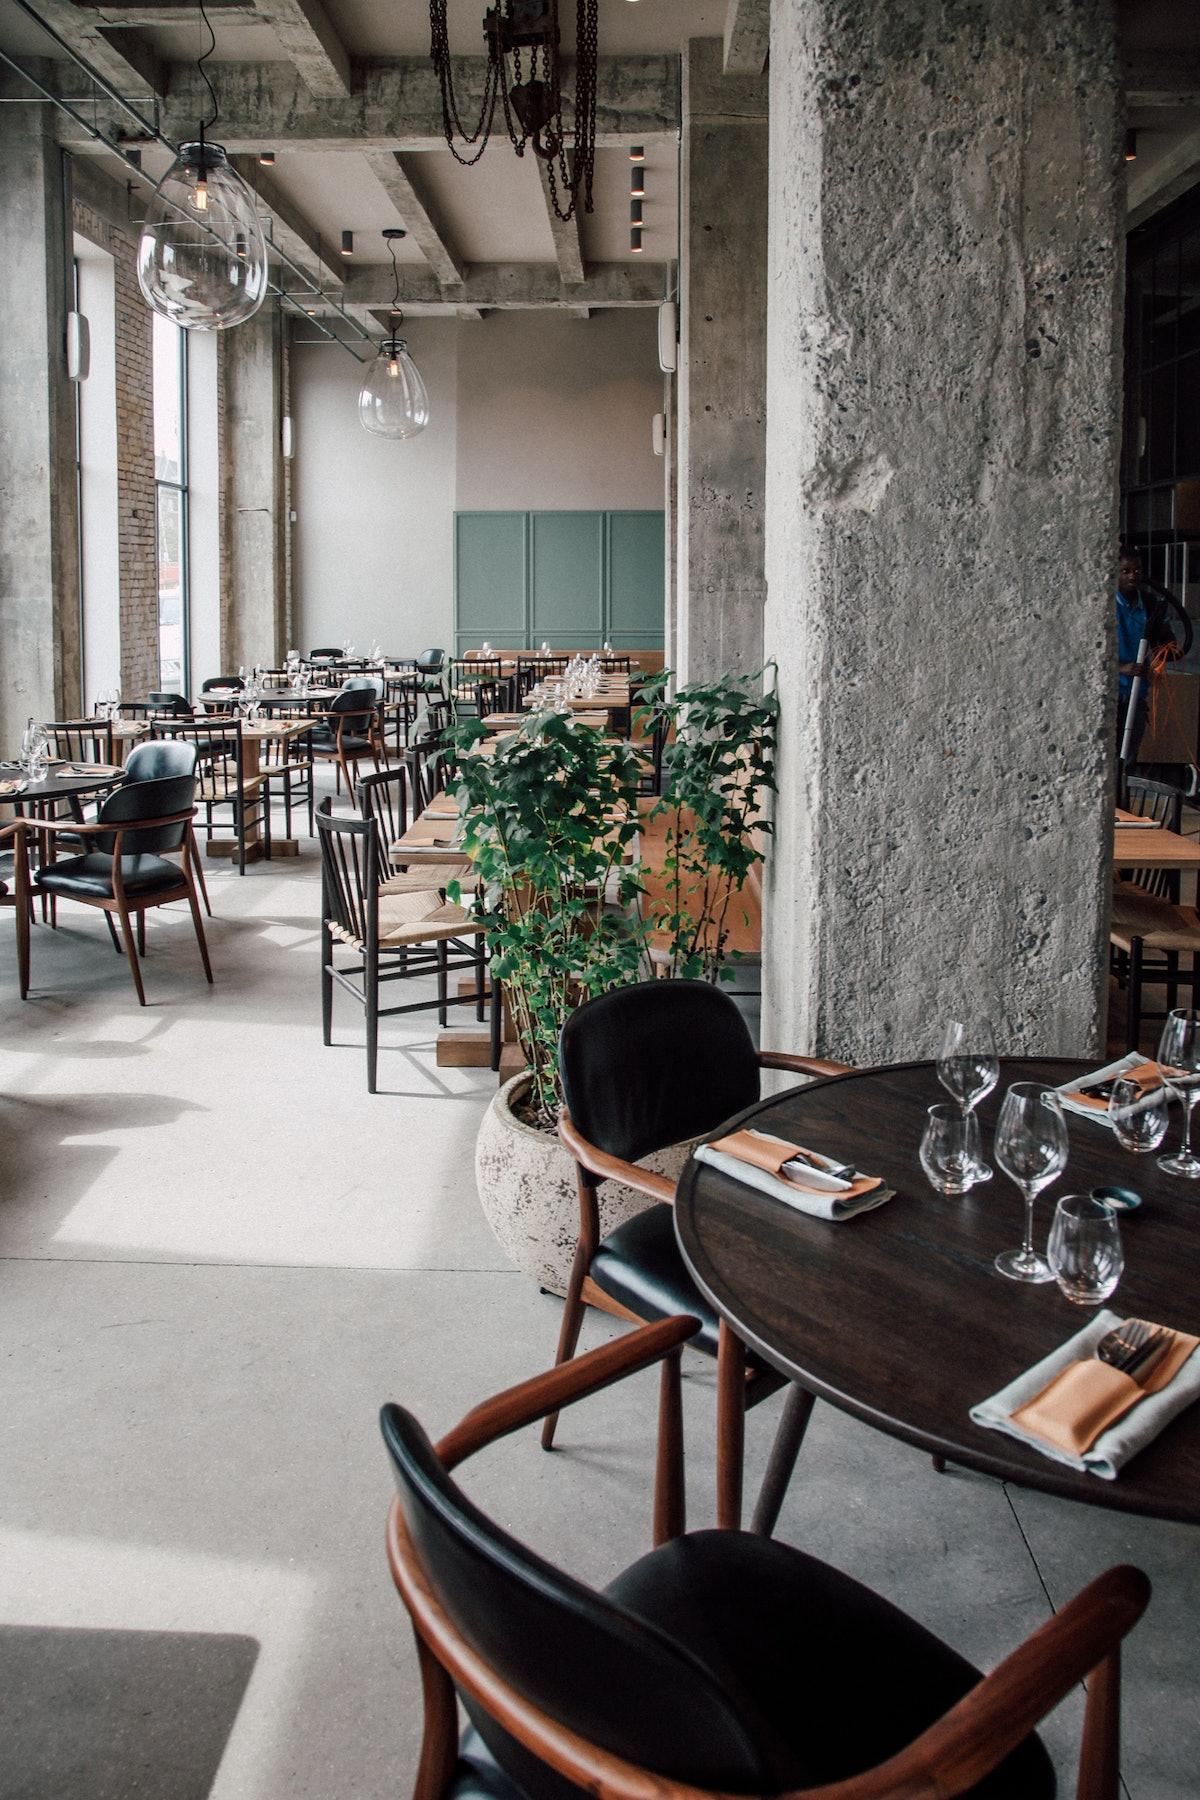 108 restaurant in Copenhagen.